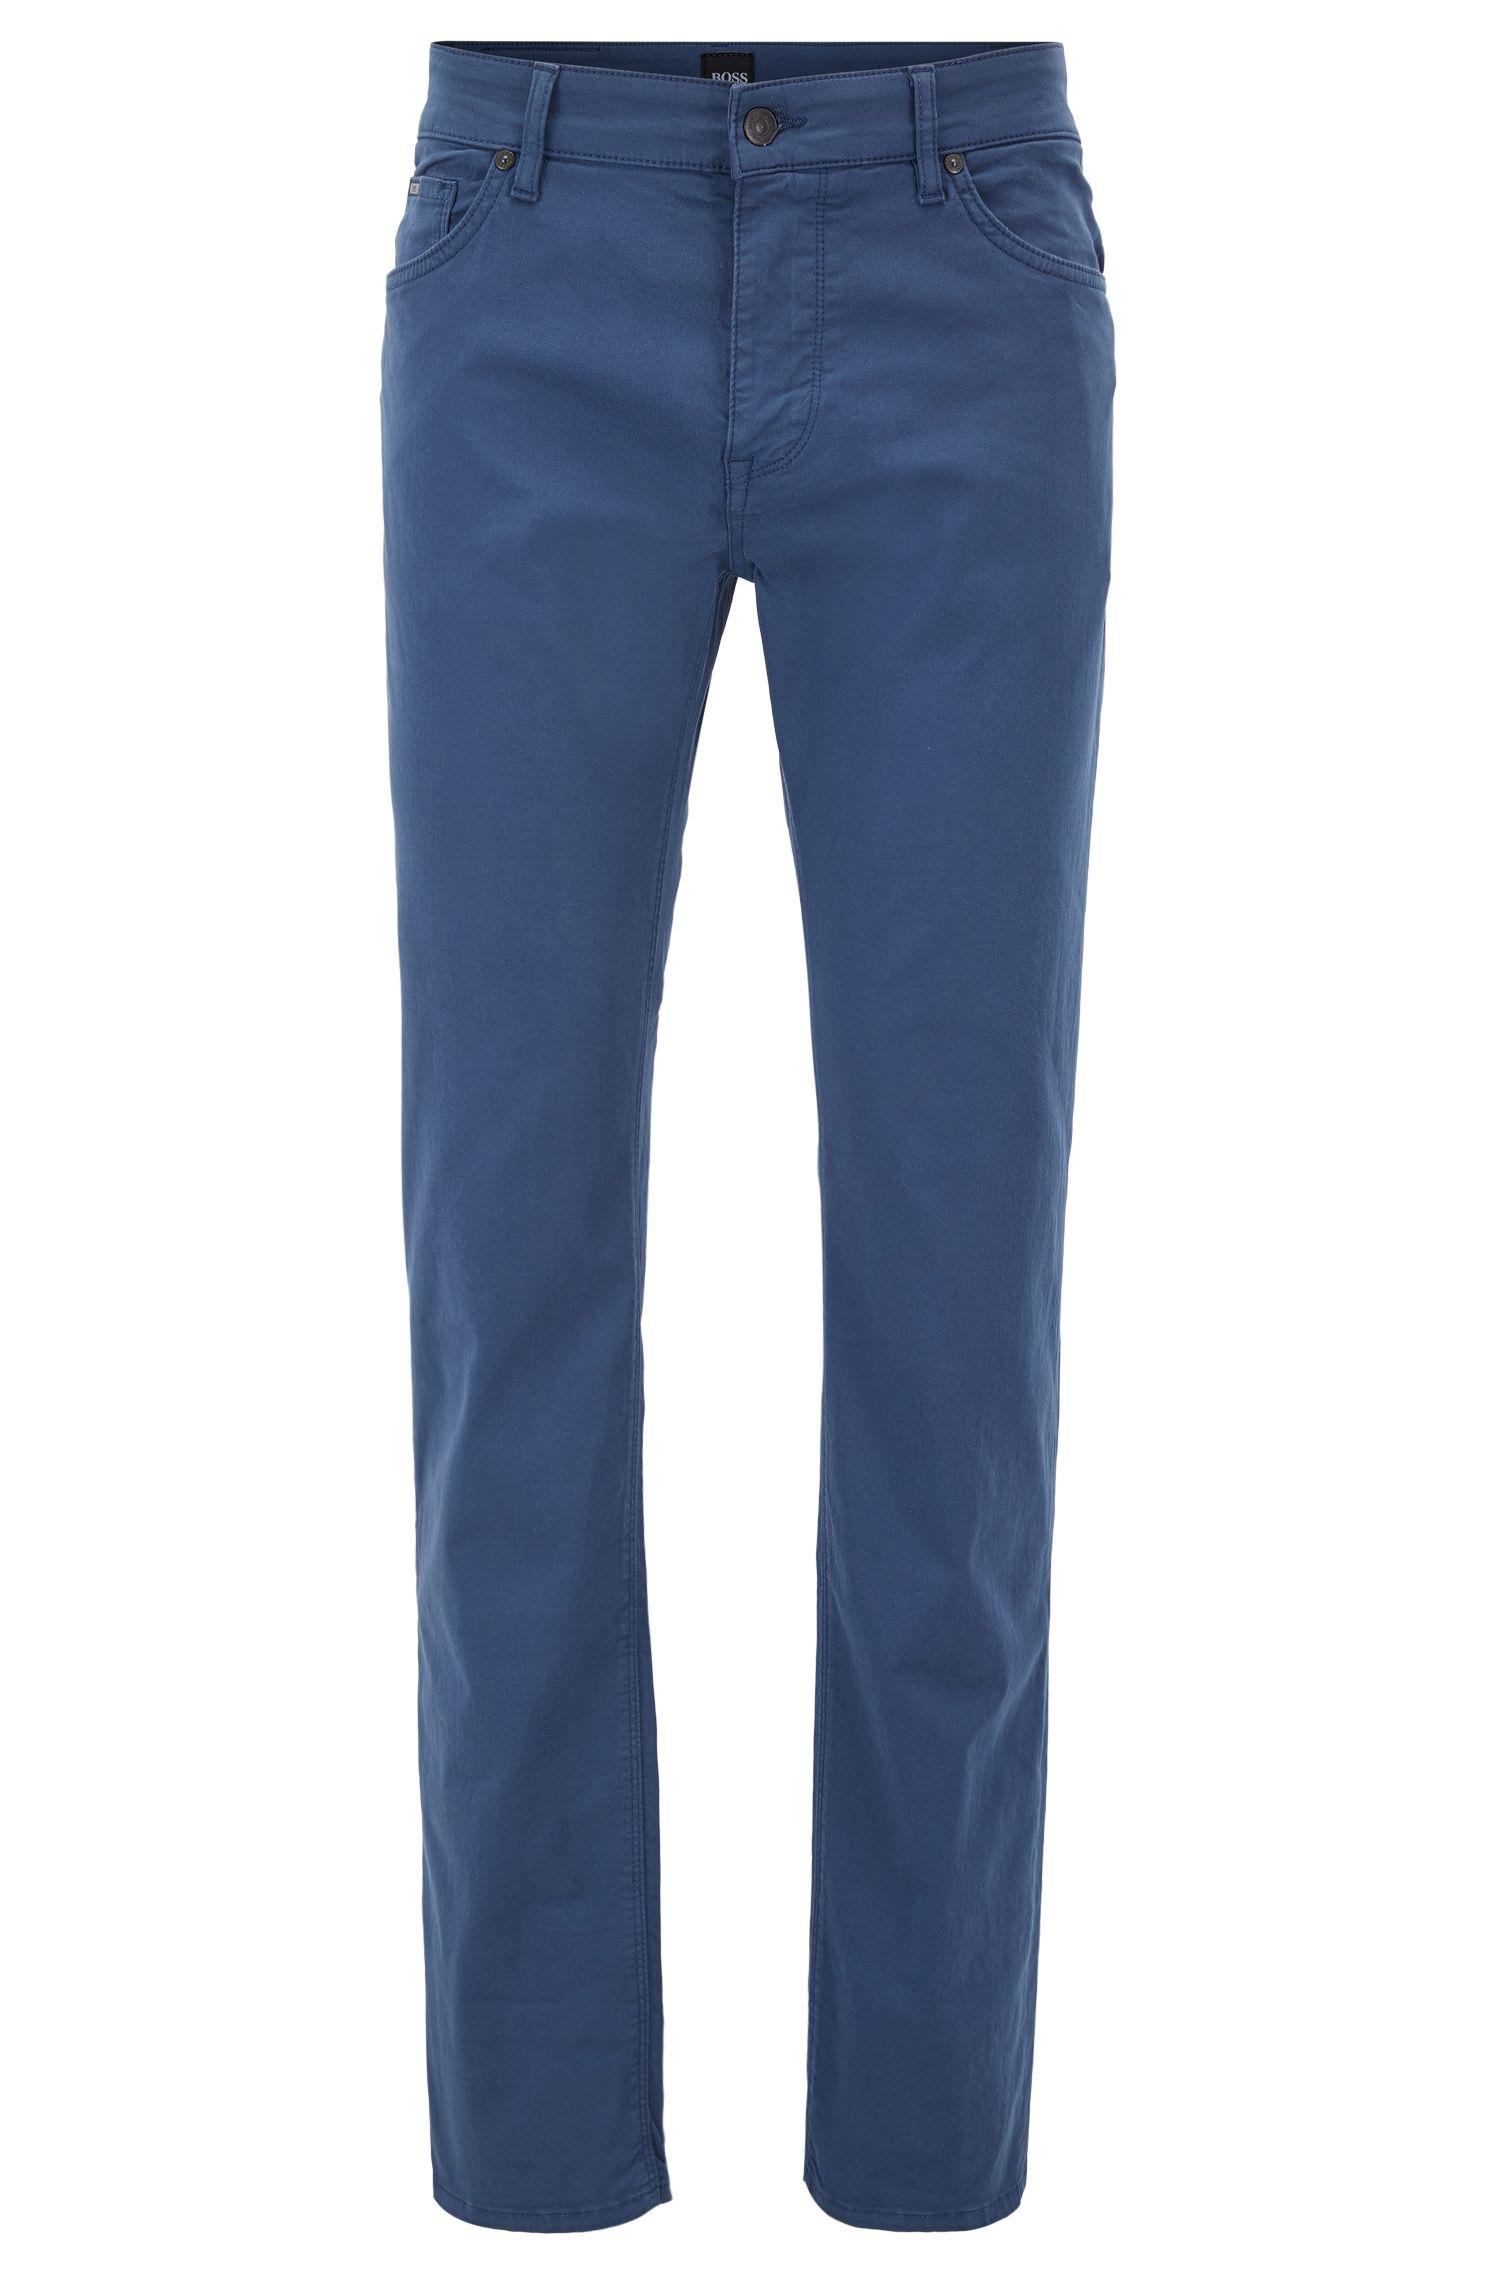 Jeans Regular Fit en denim stretch effet satin